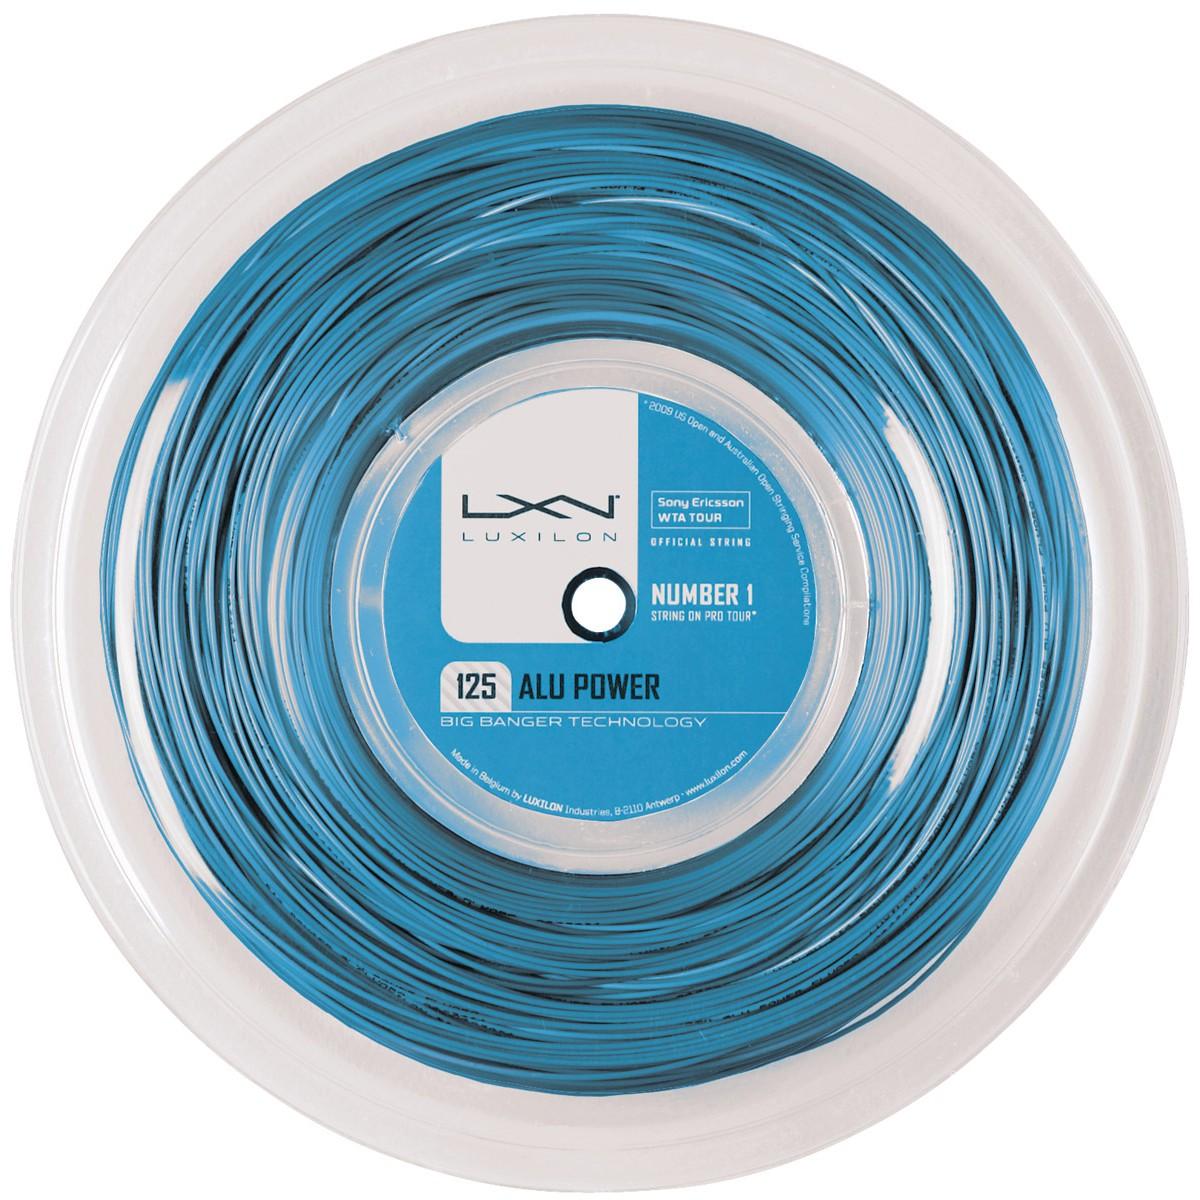 Luxilon Big Banger Alu Power  Tennis String 220m Reel